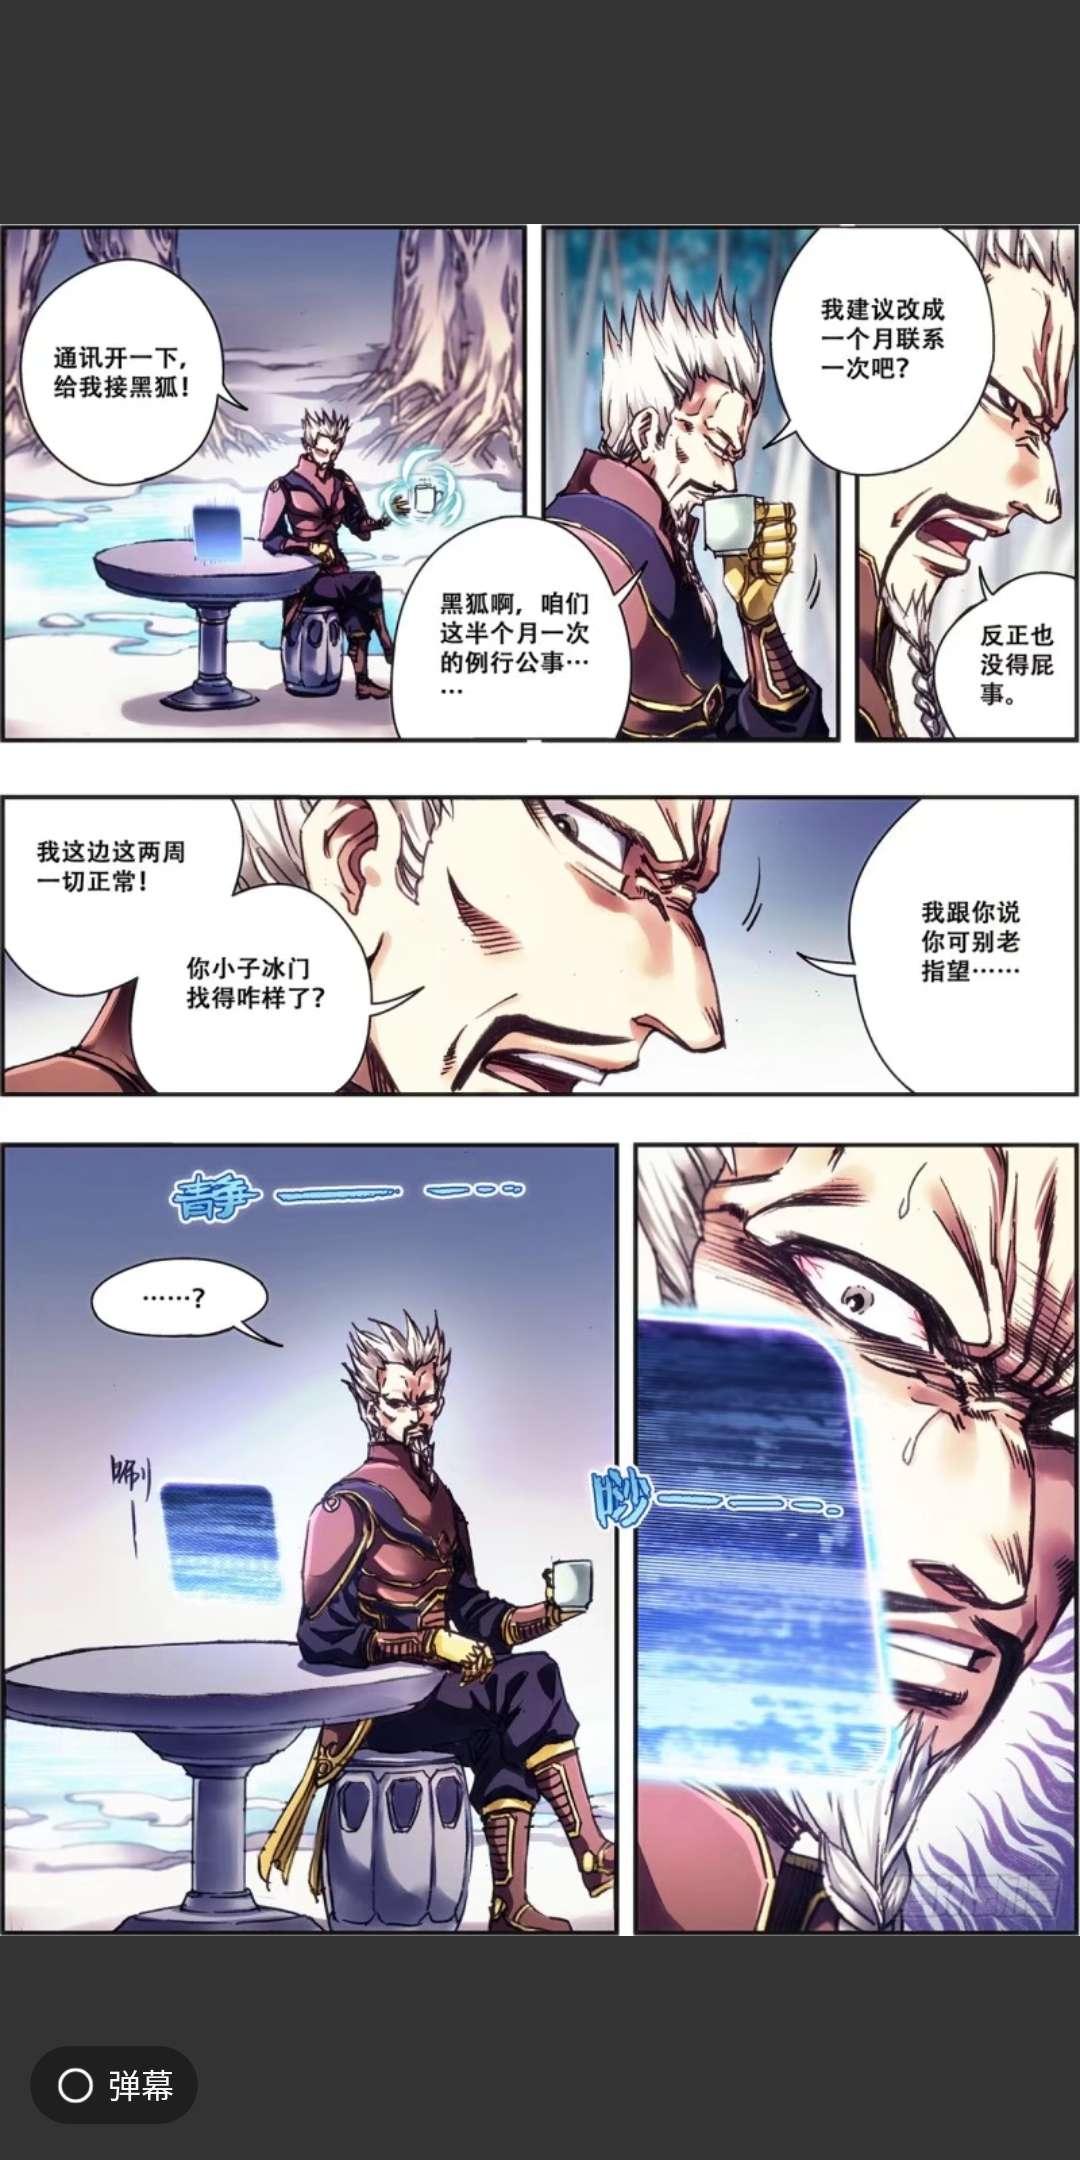 【漫画更新】星海镖师473